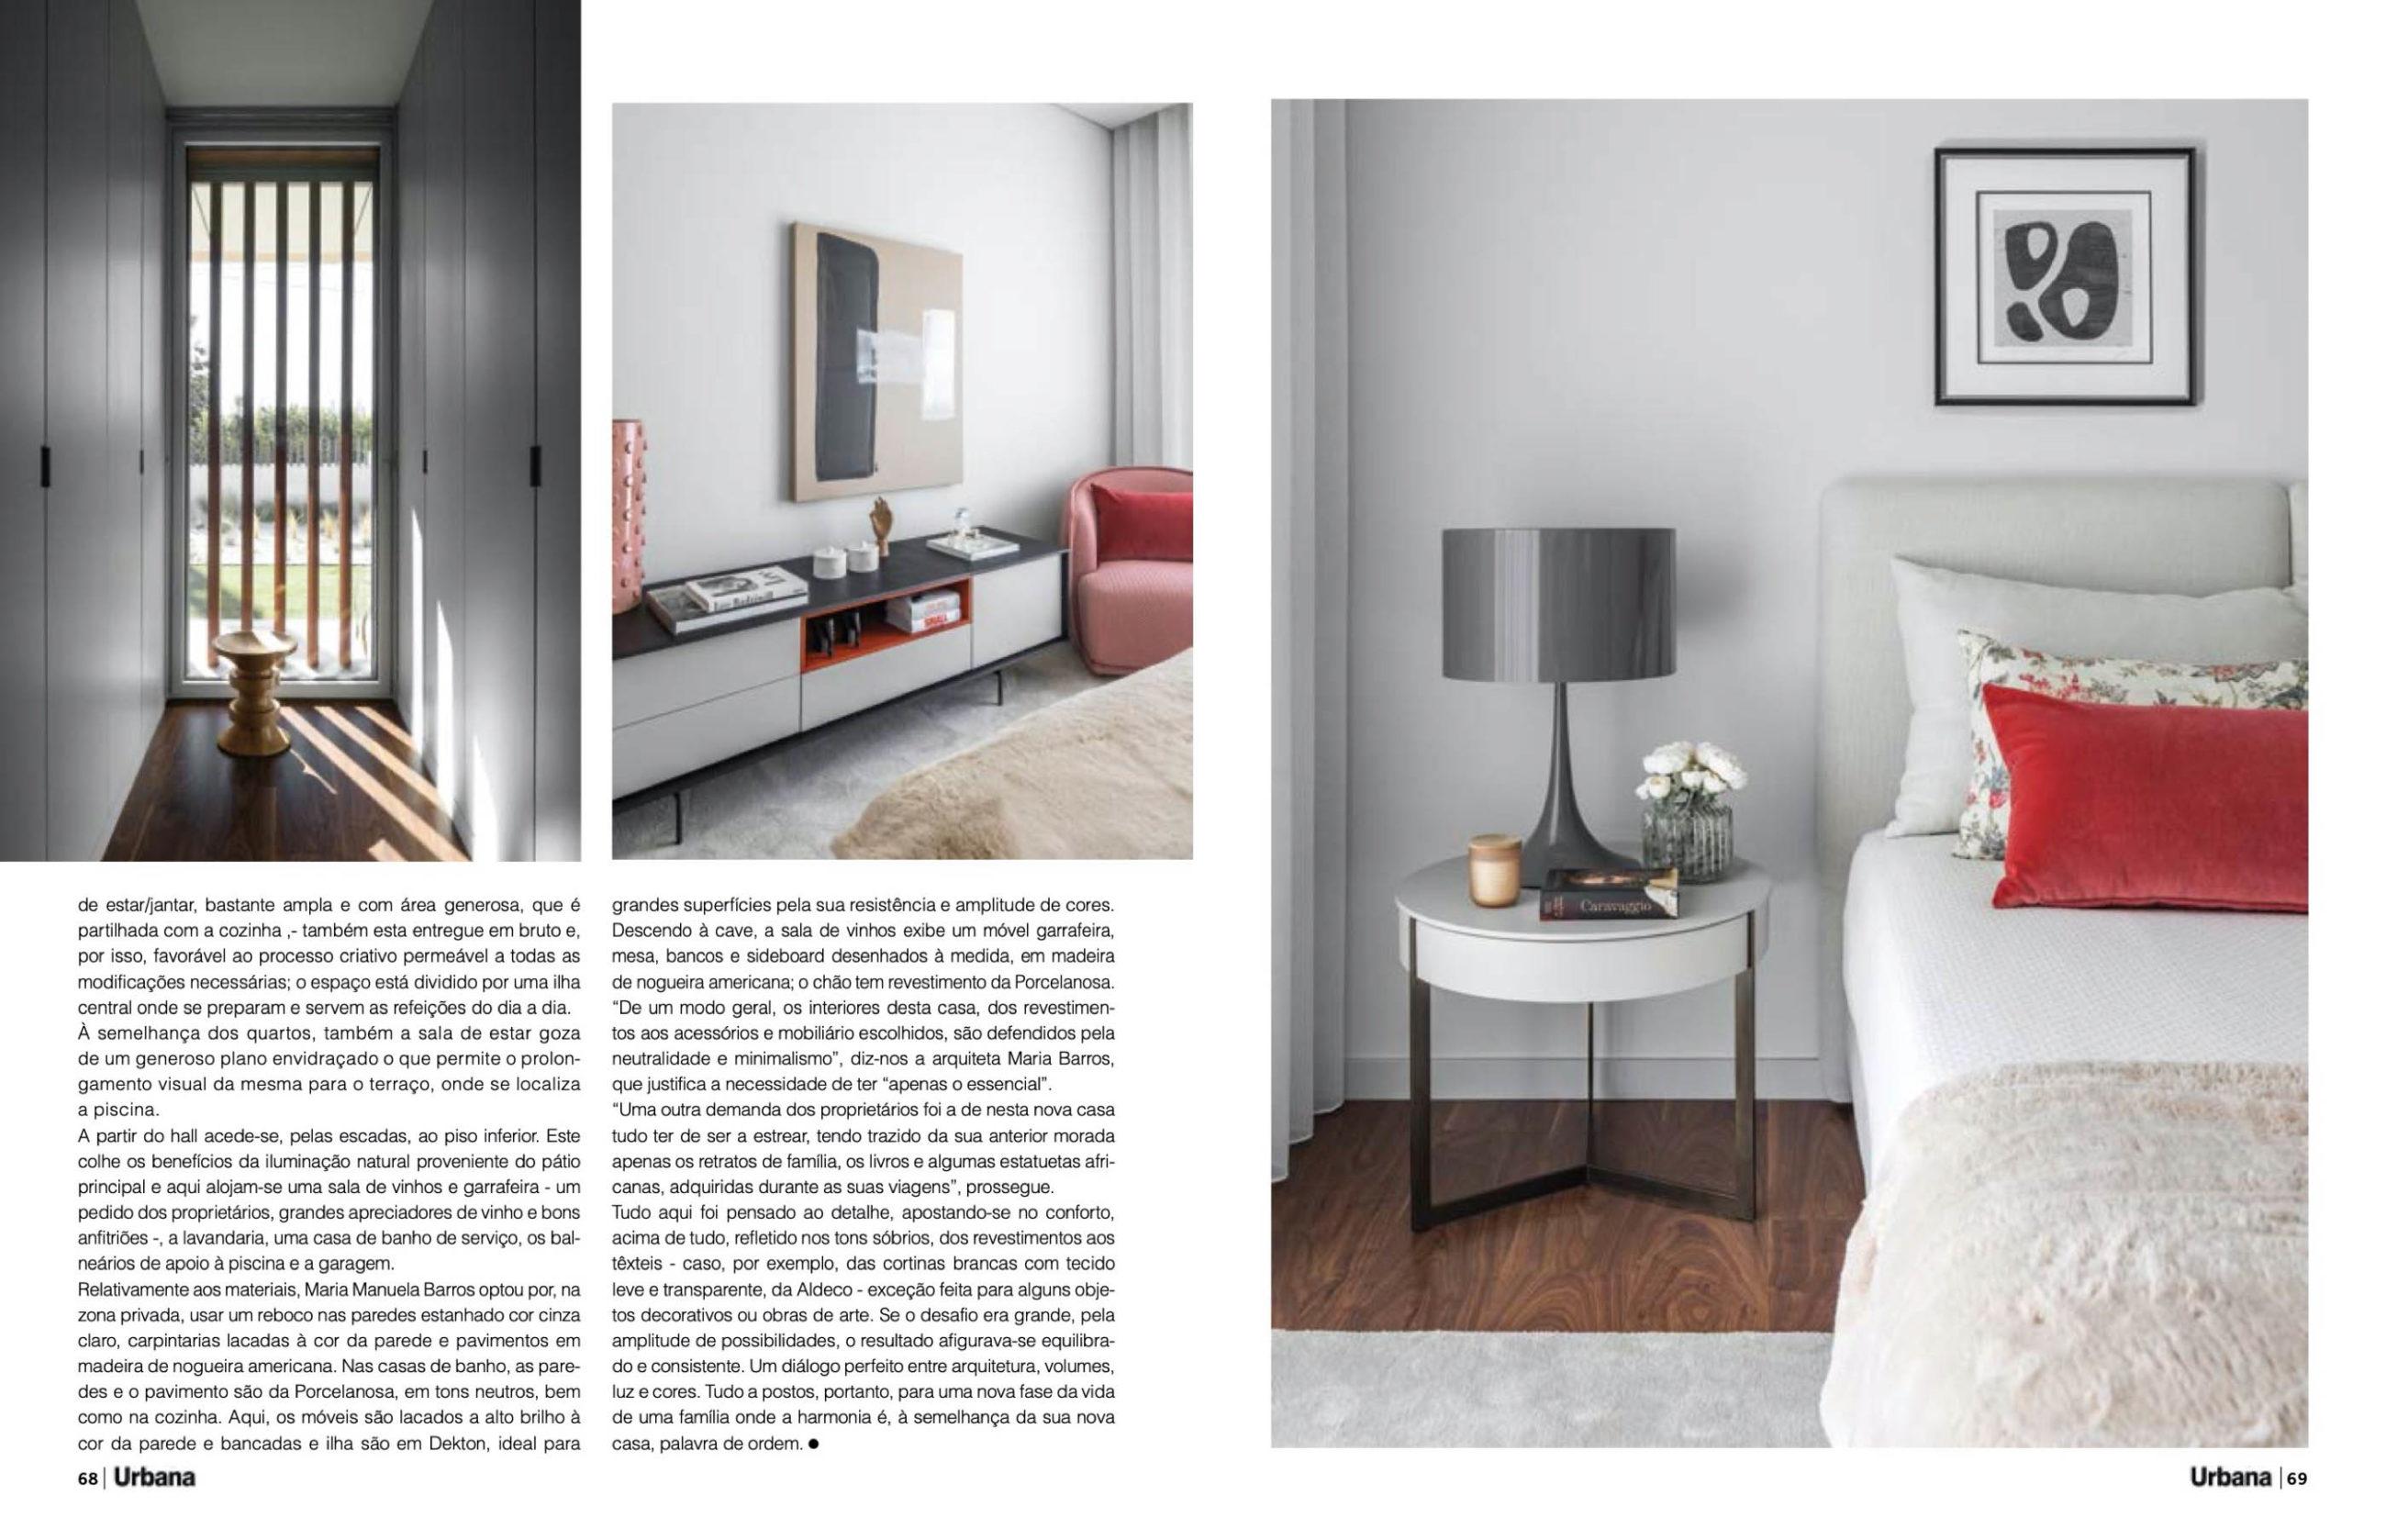 Decoração De Maria Barros Interiores Publicado Na Revista Urb do fotografo Ivo Tavares Studio